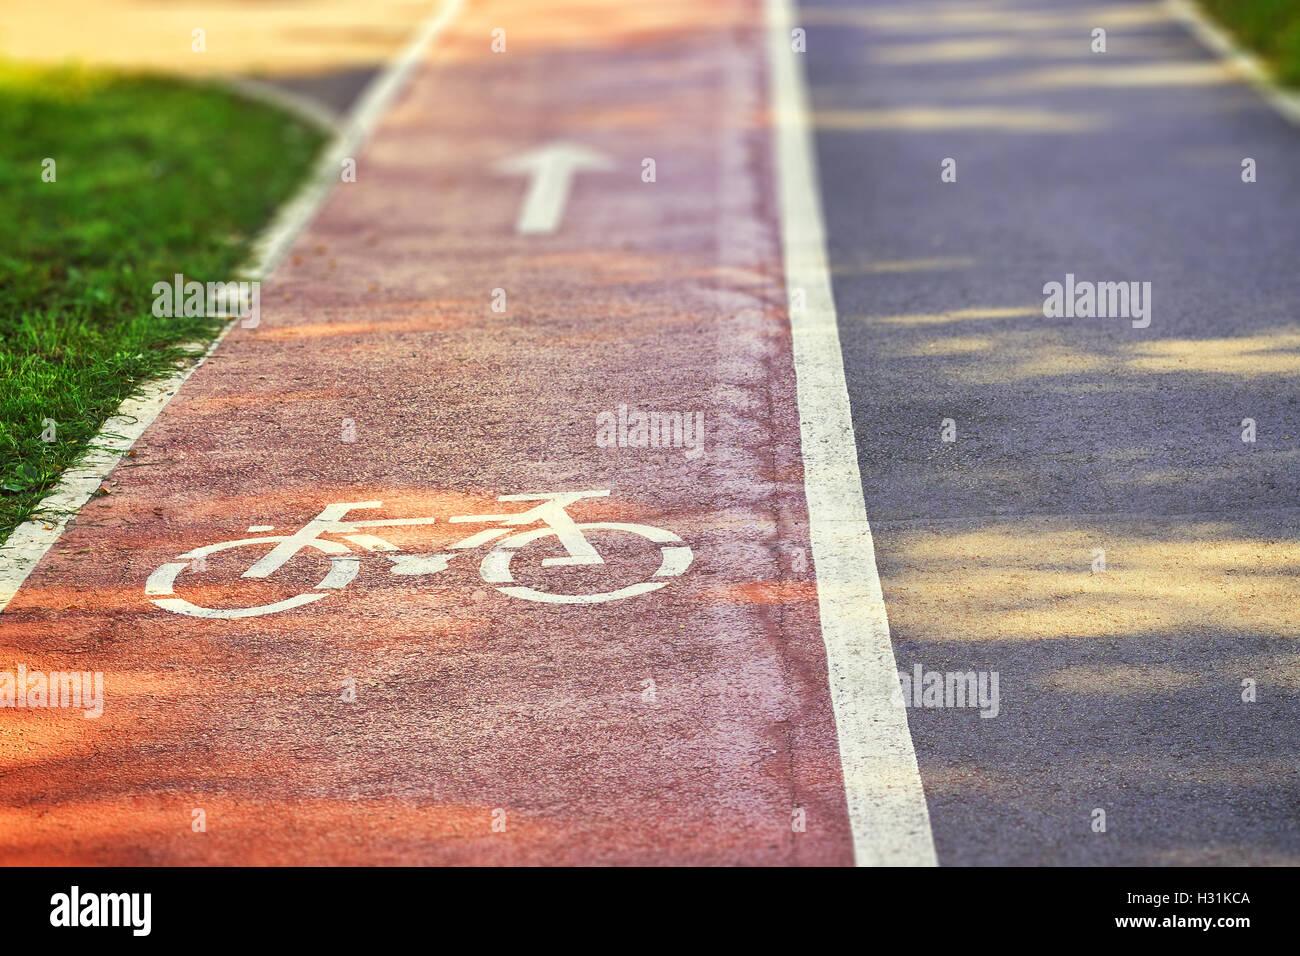 Voie cyclable sur trottoir rouge peint en blanc avec location et la flèche de signalisation. Copy space Photo Stock